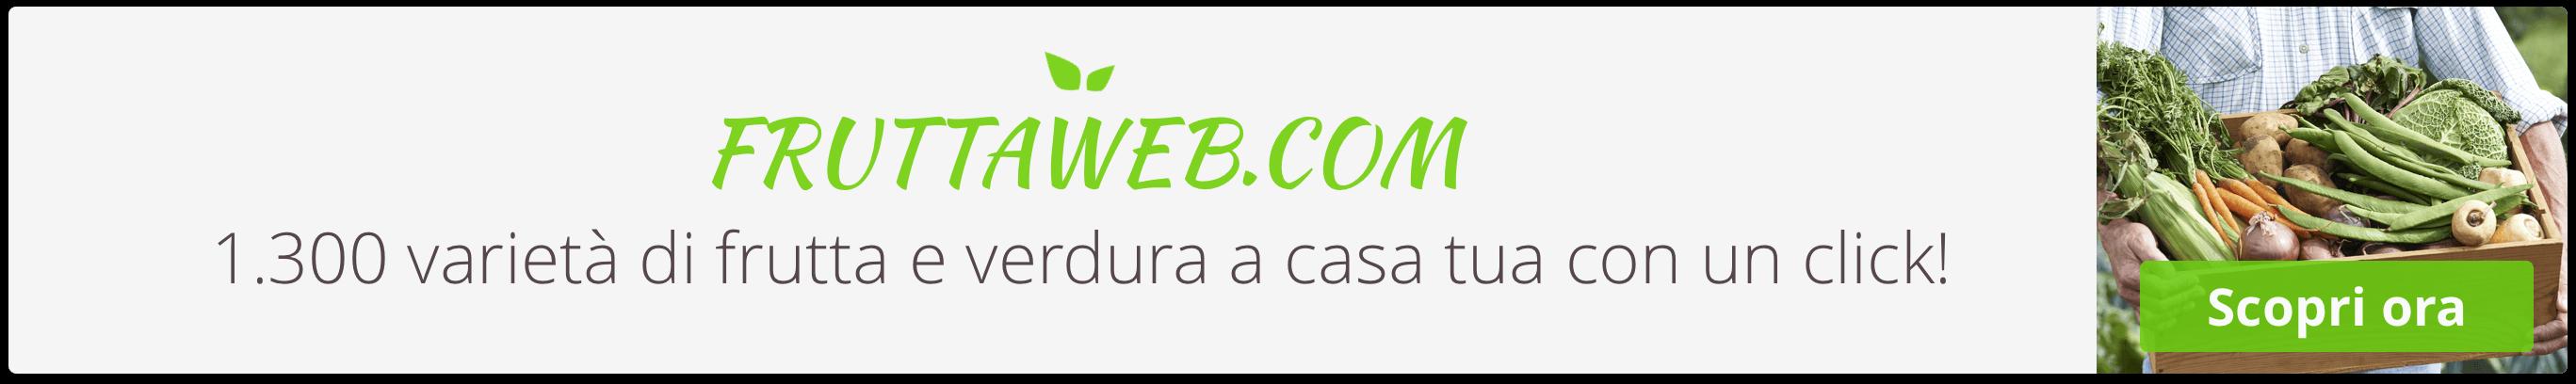 Acquista Online su FruttaWeb.com oltre 1.300 varietà di frutta e verdura fresca da tutto il mondo